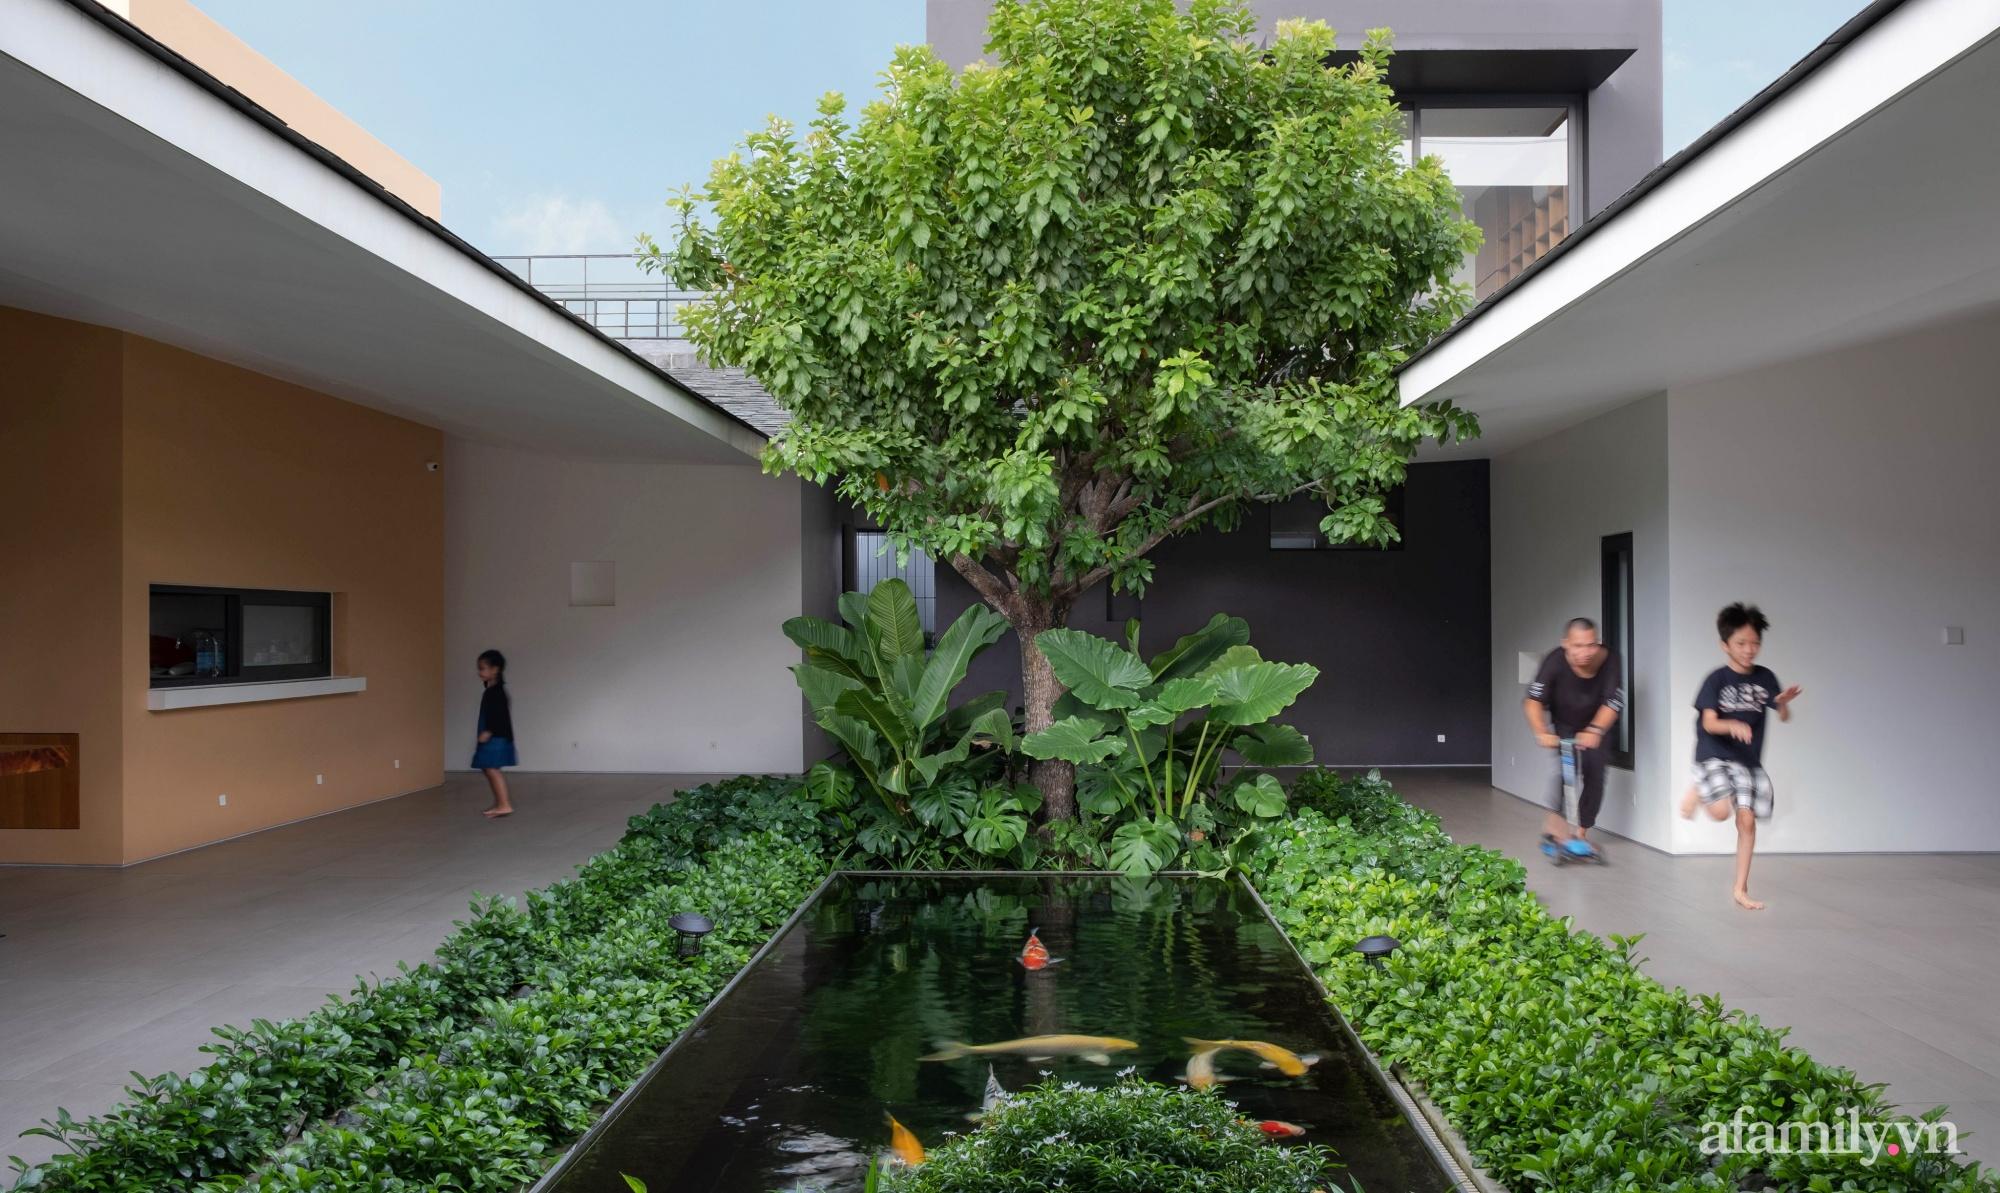 Ngôi nhà rợp mát bóng cây ở ngoại ô Sài Gòn tạo sự gắn kết cho gia đình 3 thế hệ - Ảnh 14.